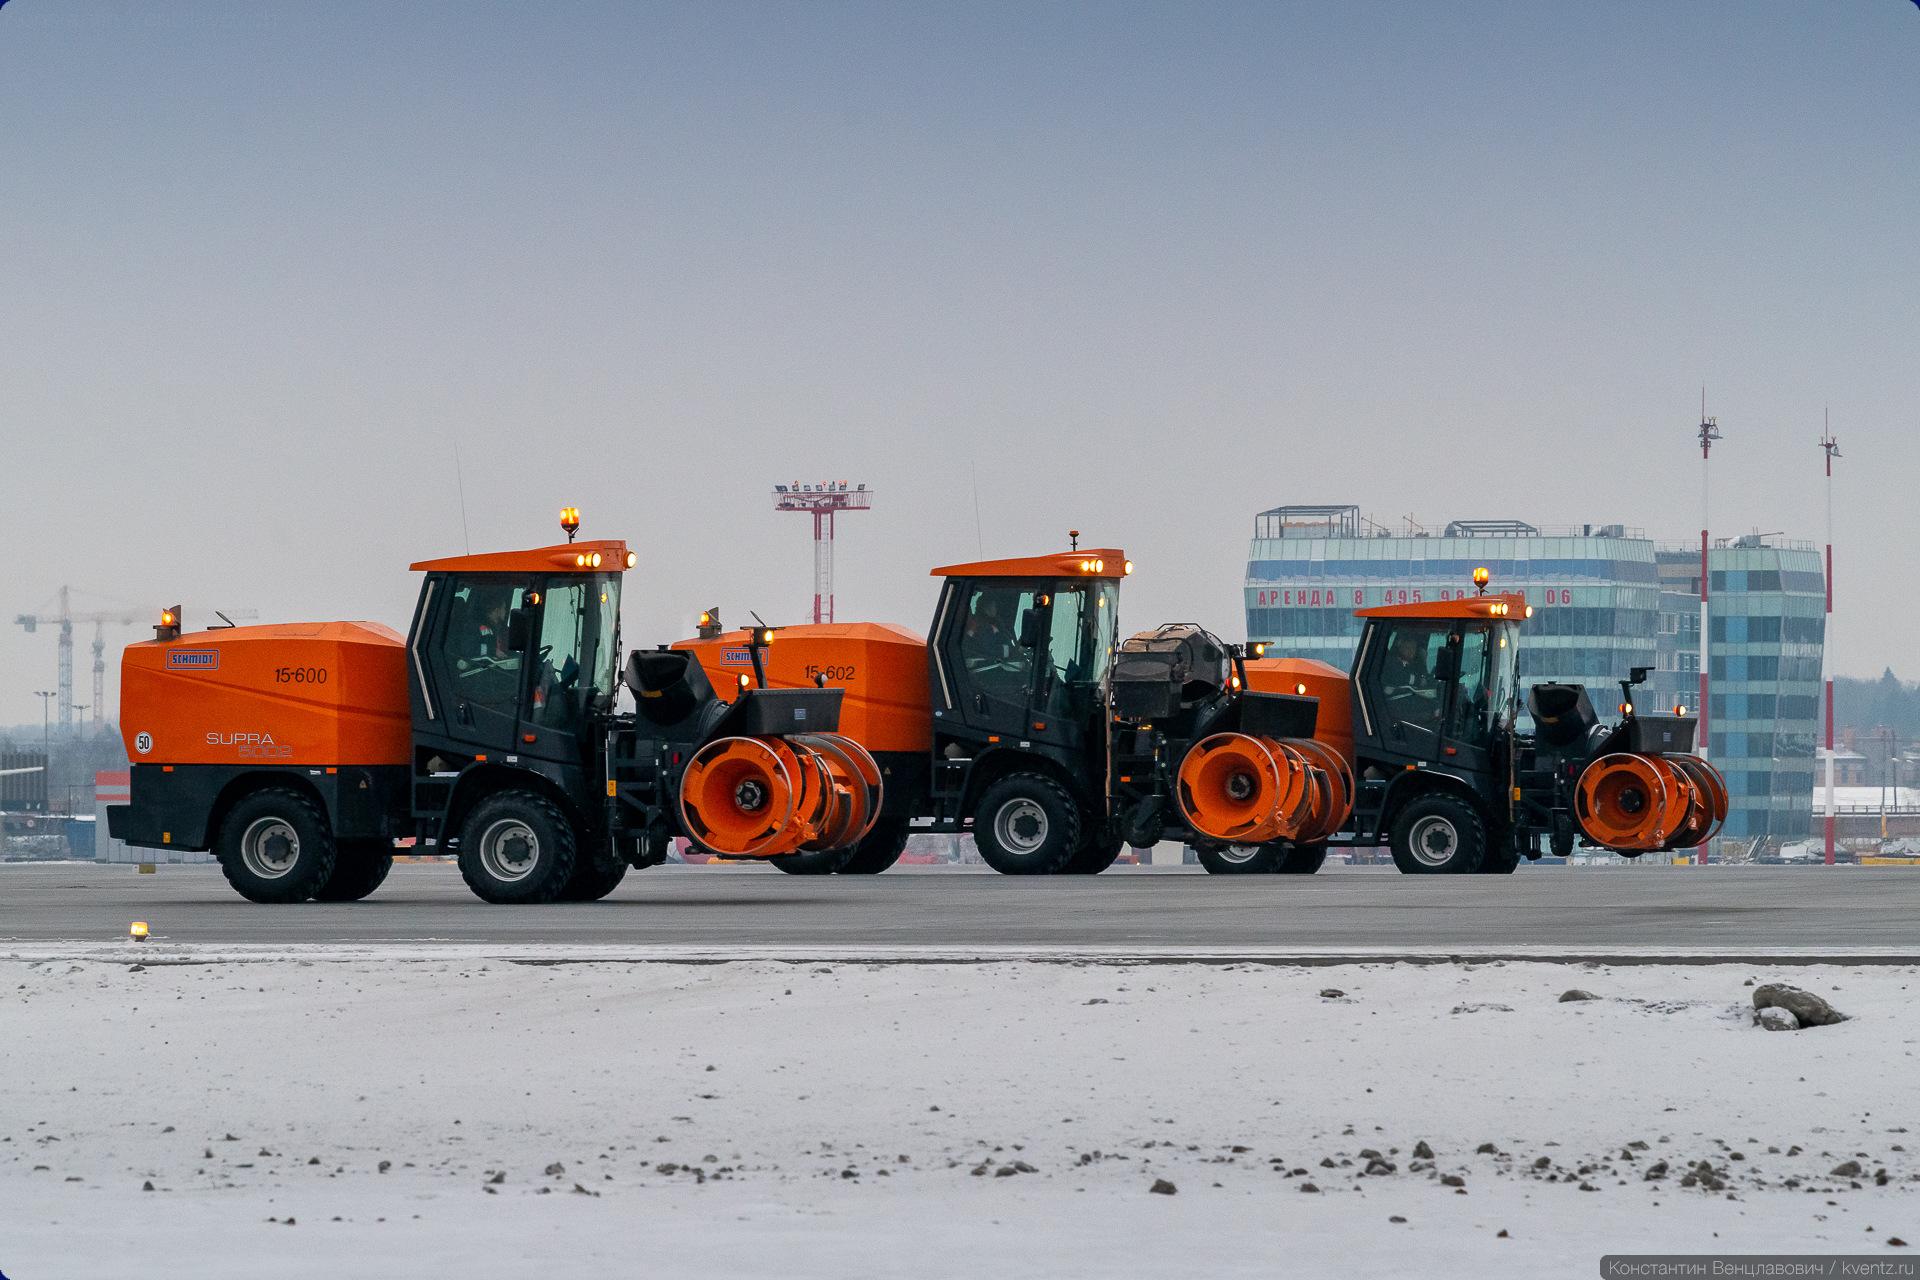 17. Фрезерного-роторные снегоуборочные машины SCHMIDT SUPRA 5002. Их задача —убирать и отбрасывать далеко в сторону большие массы снега.